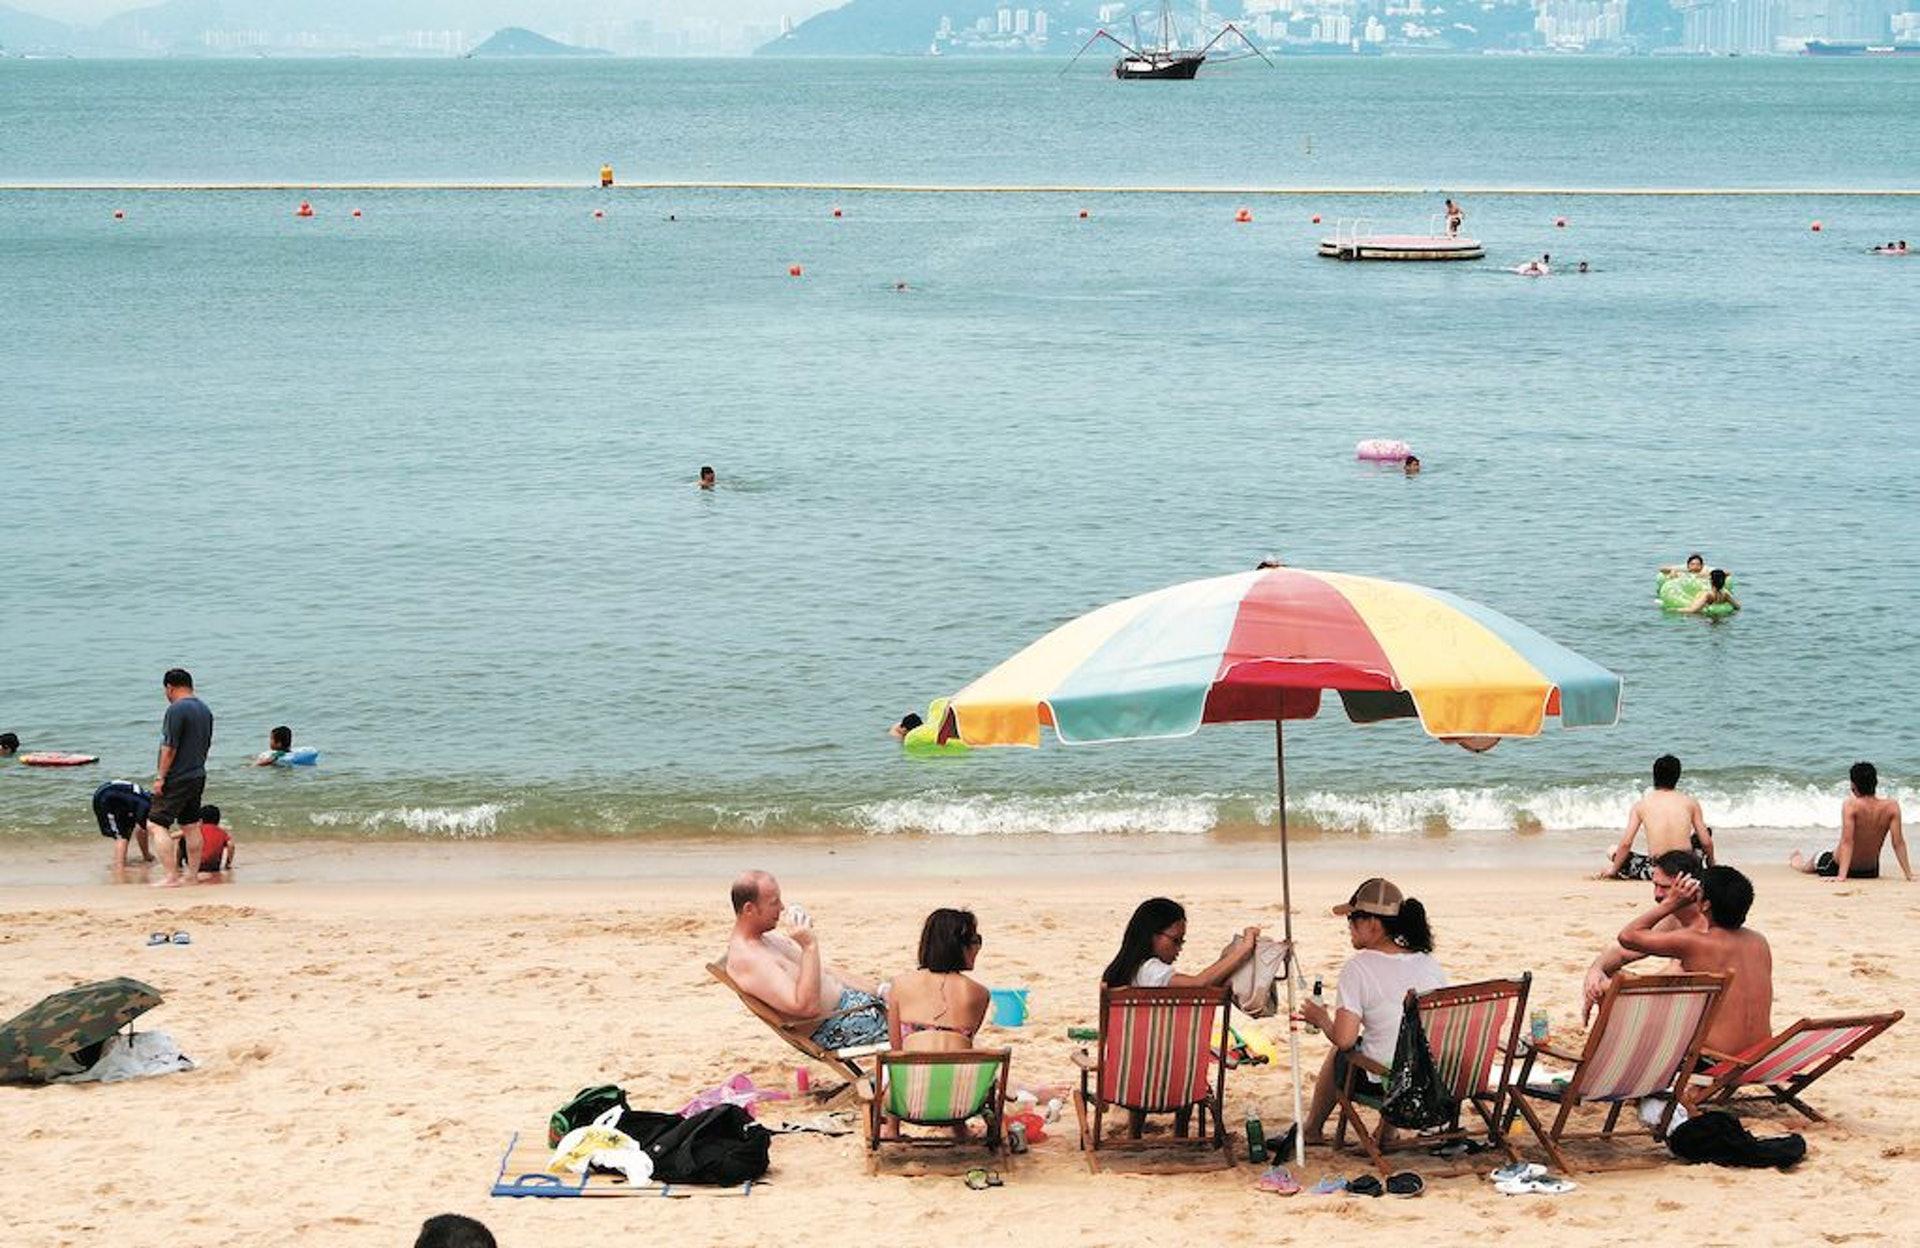 進行水上活動時,高溫的水面和沙灘釋放出蒸氣,會蒸發體液;加上游泳運動量大,加快體力消耗,同樣容易觸發中暑。(圖片:sundaykiss)